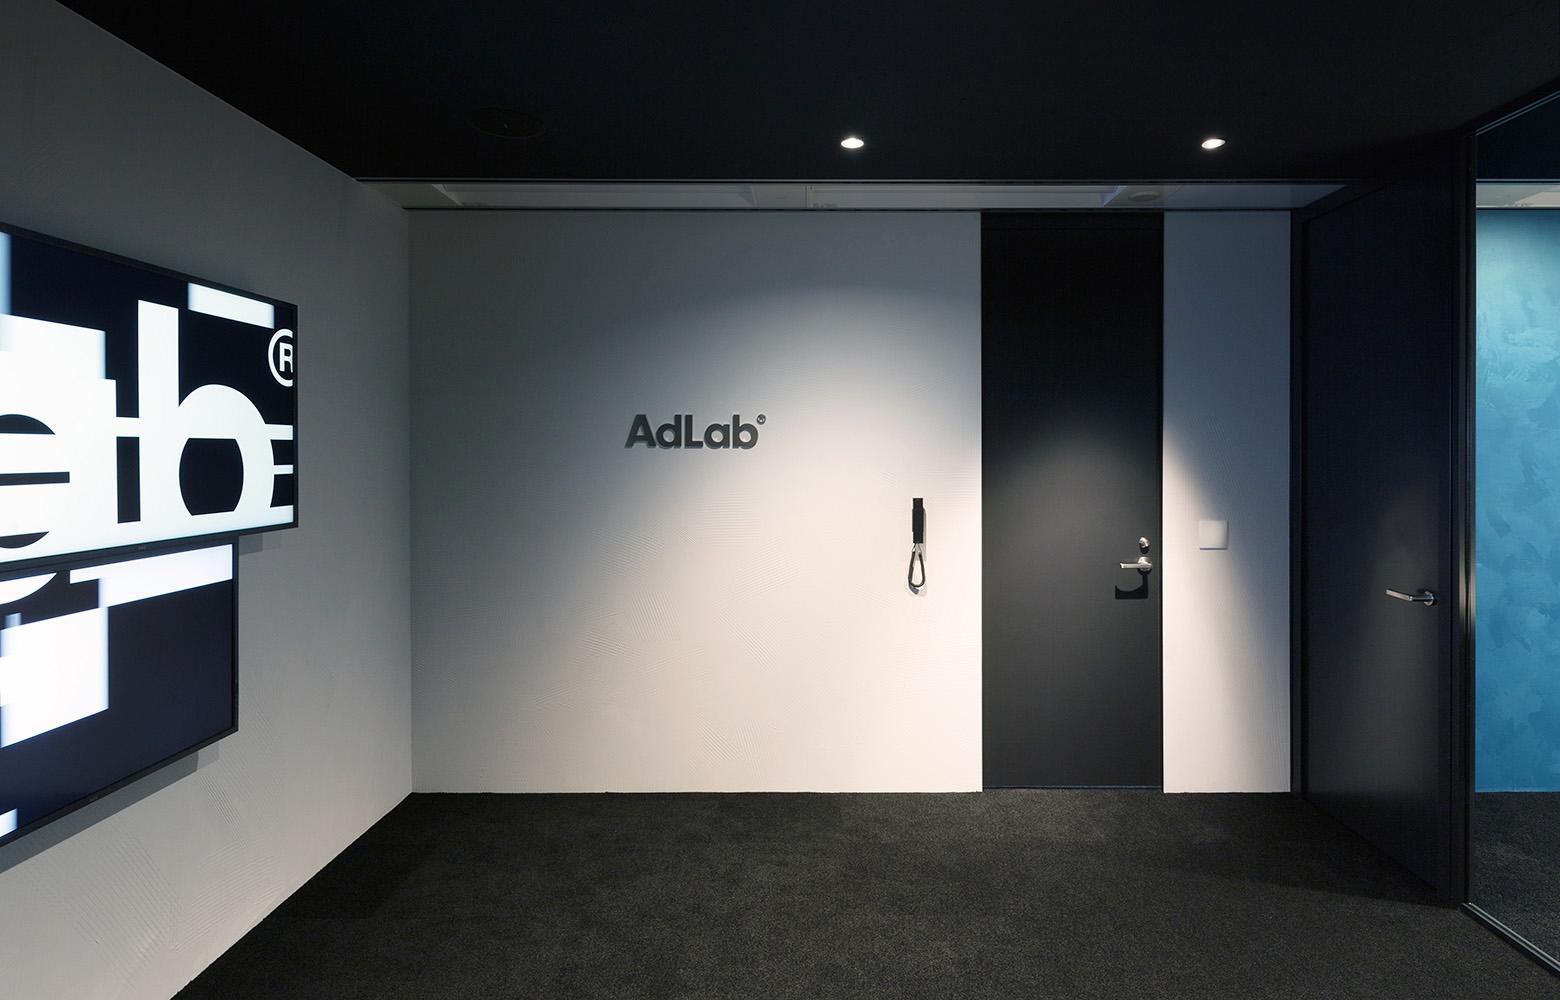 株式会社 AdLab Entrance_2 デザイン・レイアウト事例